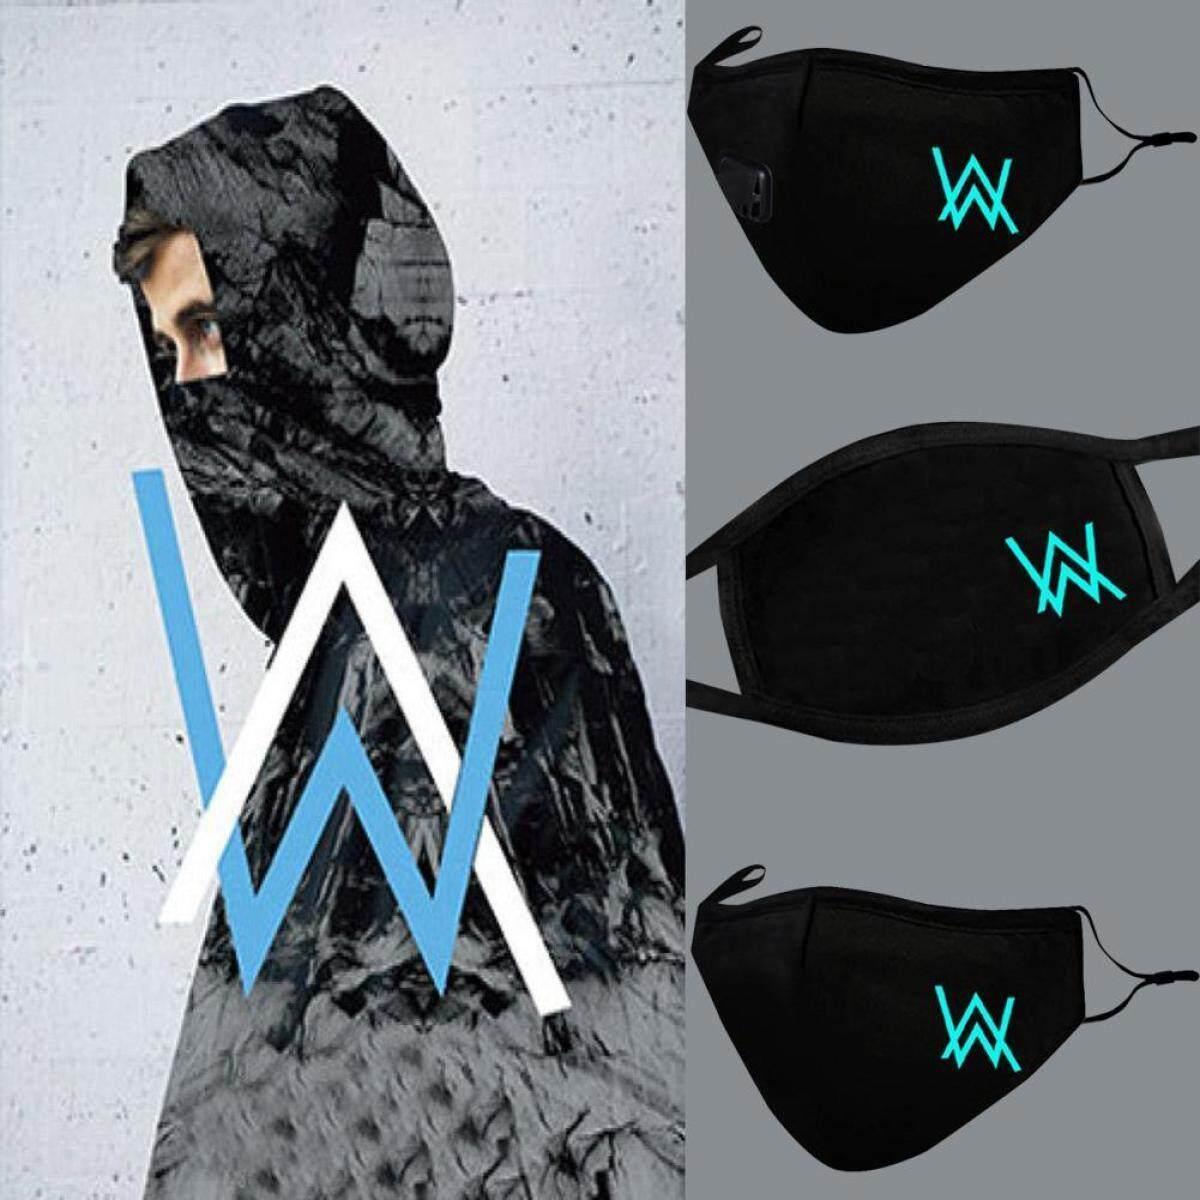 2XS 4XL Alan Olav Walker Faded DJ 3D Hoodies Full Print Color Fashion Size